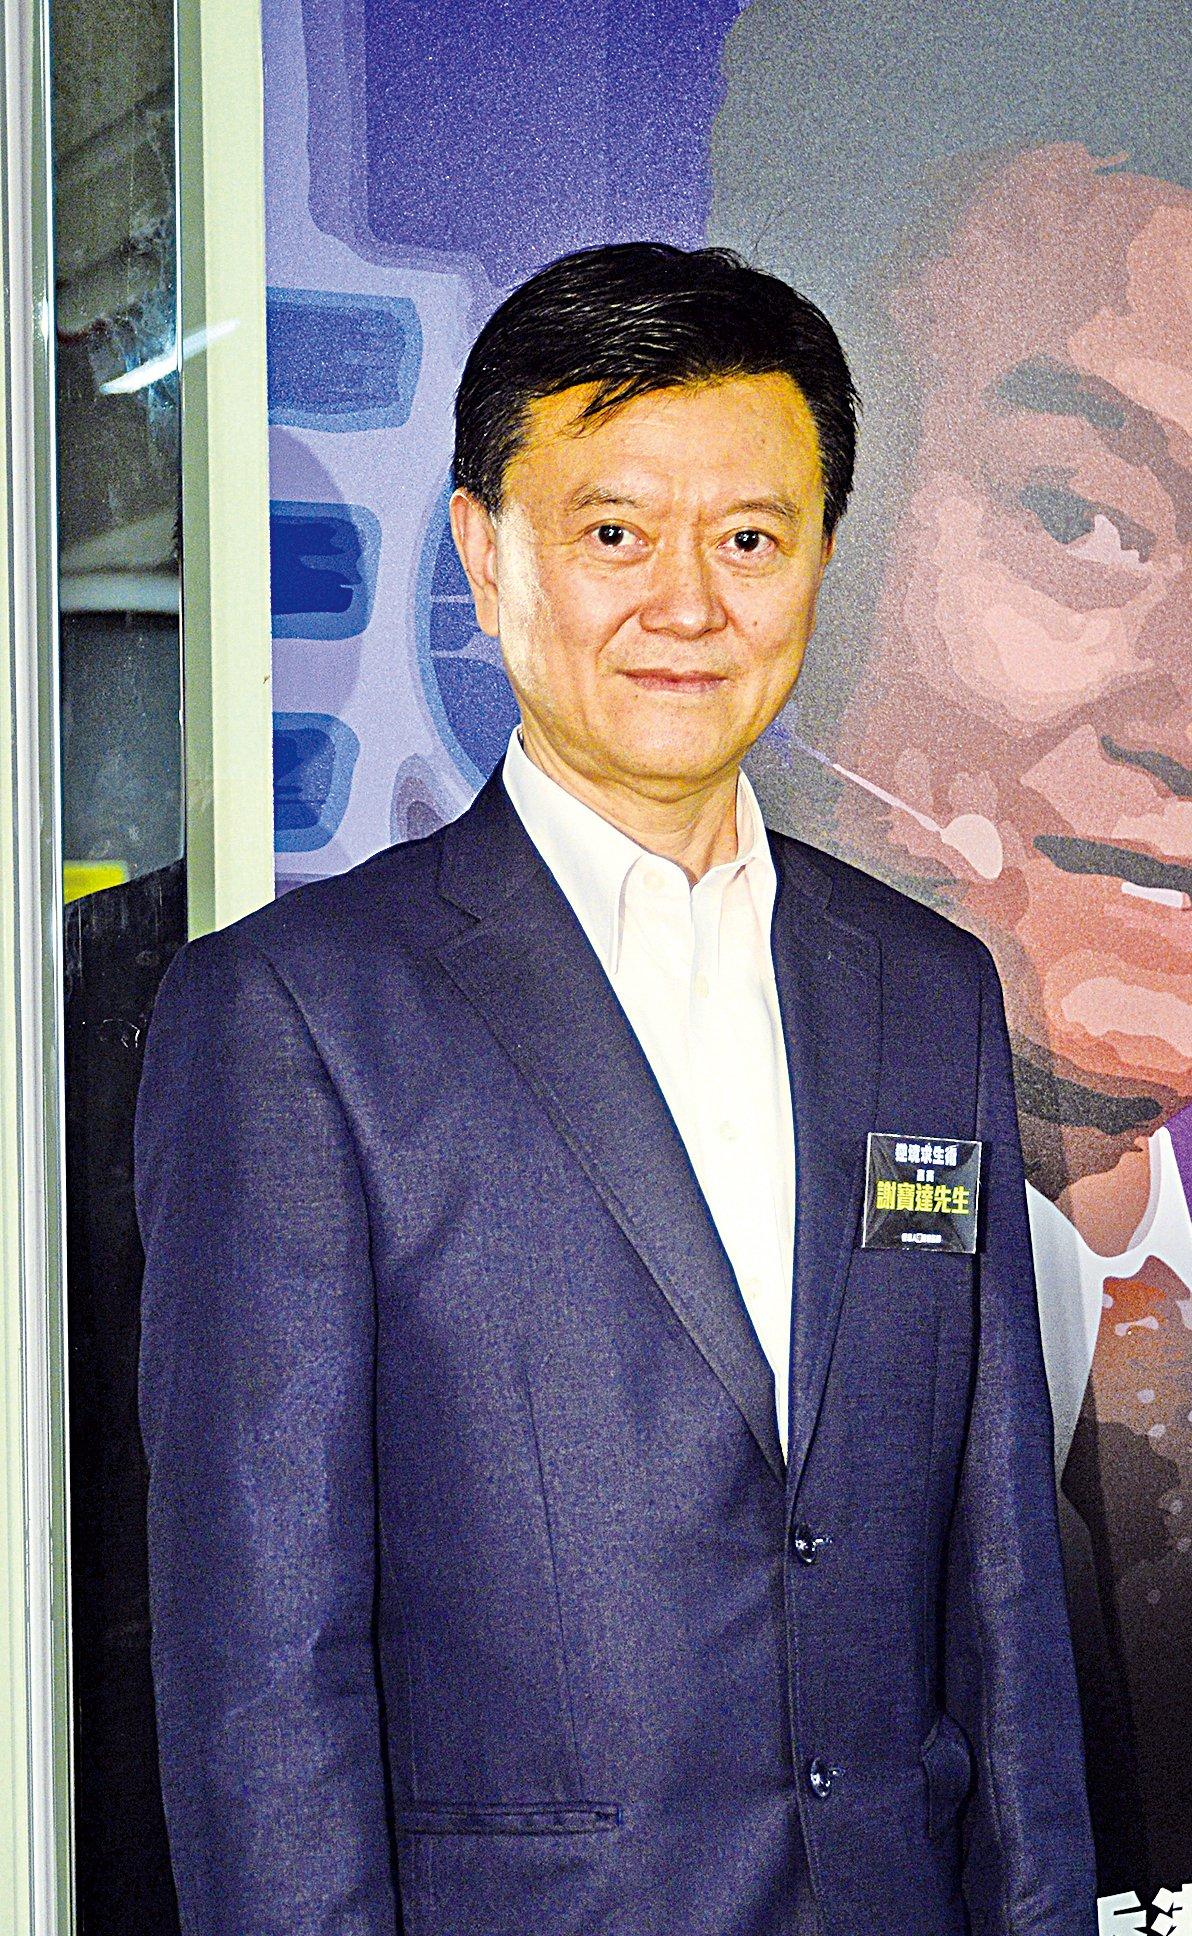 鴻福堂主席  謝寶達先生